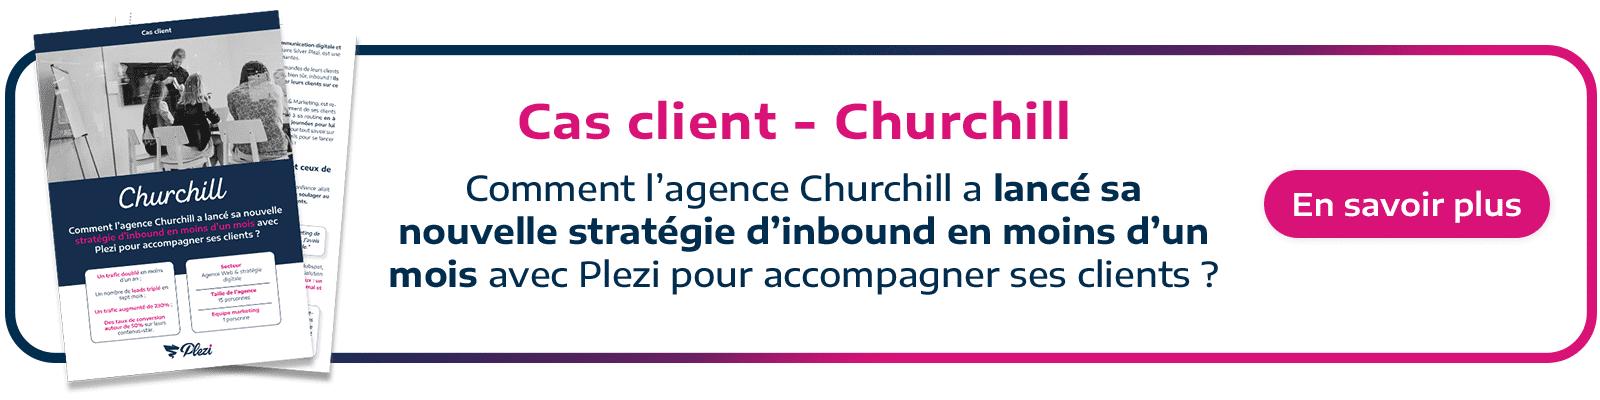 call to action permettant de télécharger le cas client Churchill Plezi